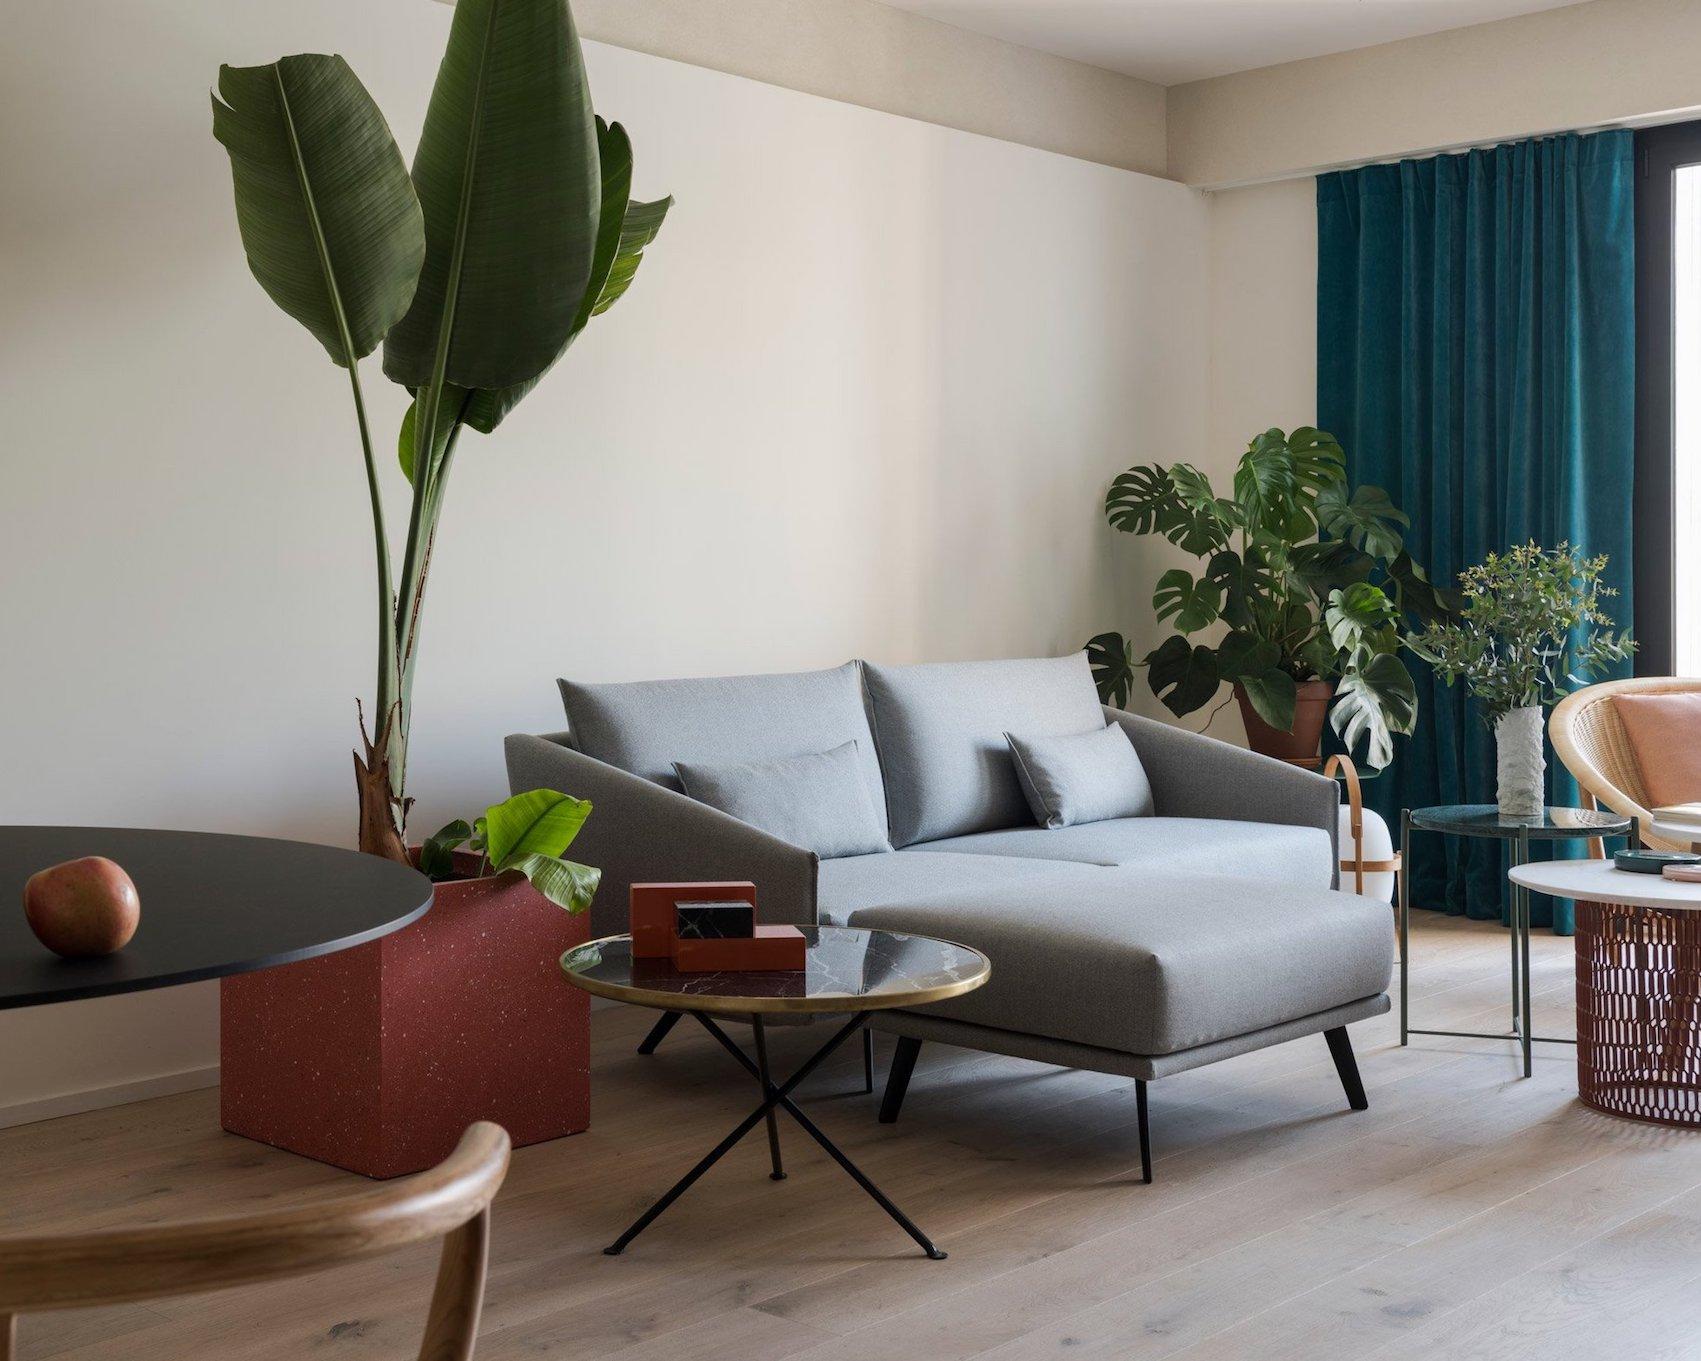 Le blog d co de mlc - Petit appartement renove transition design ...